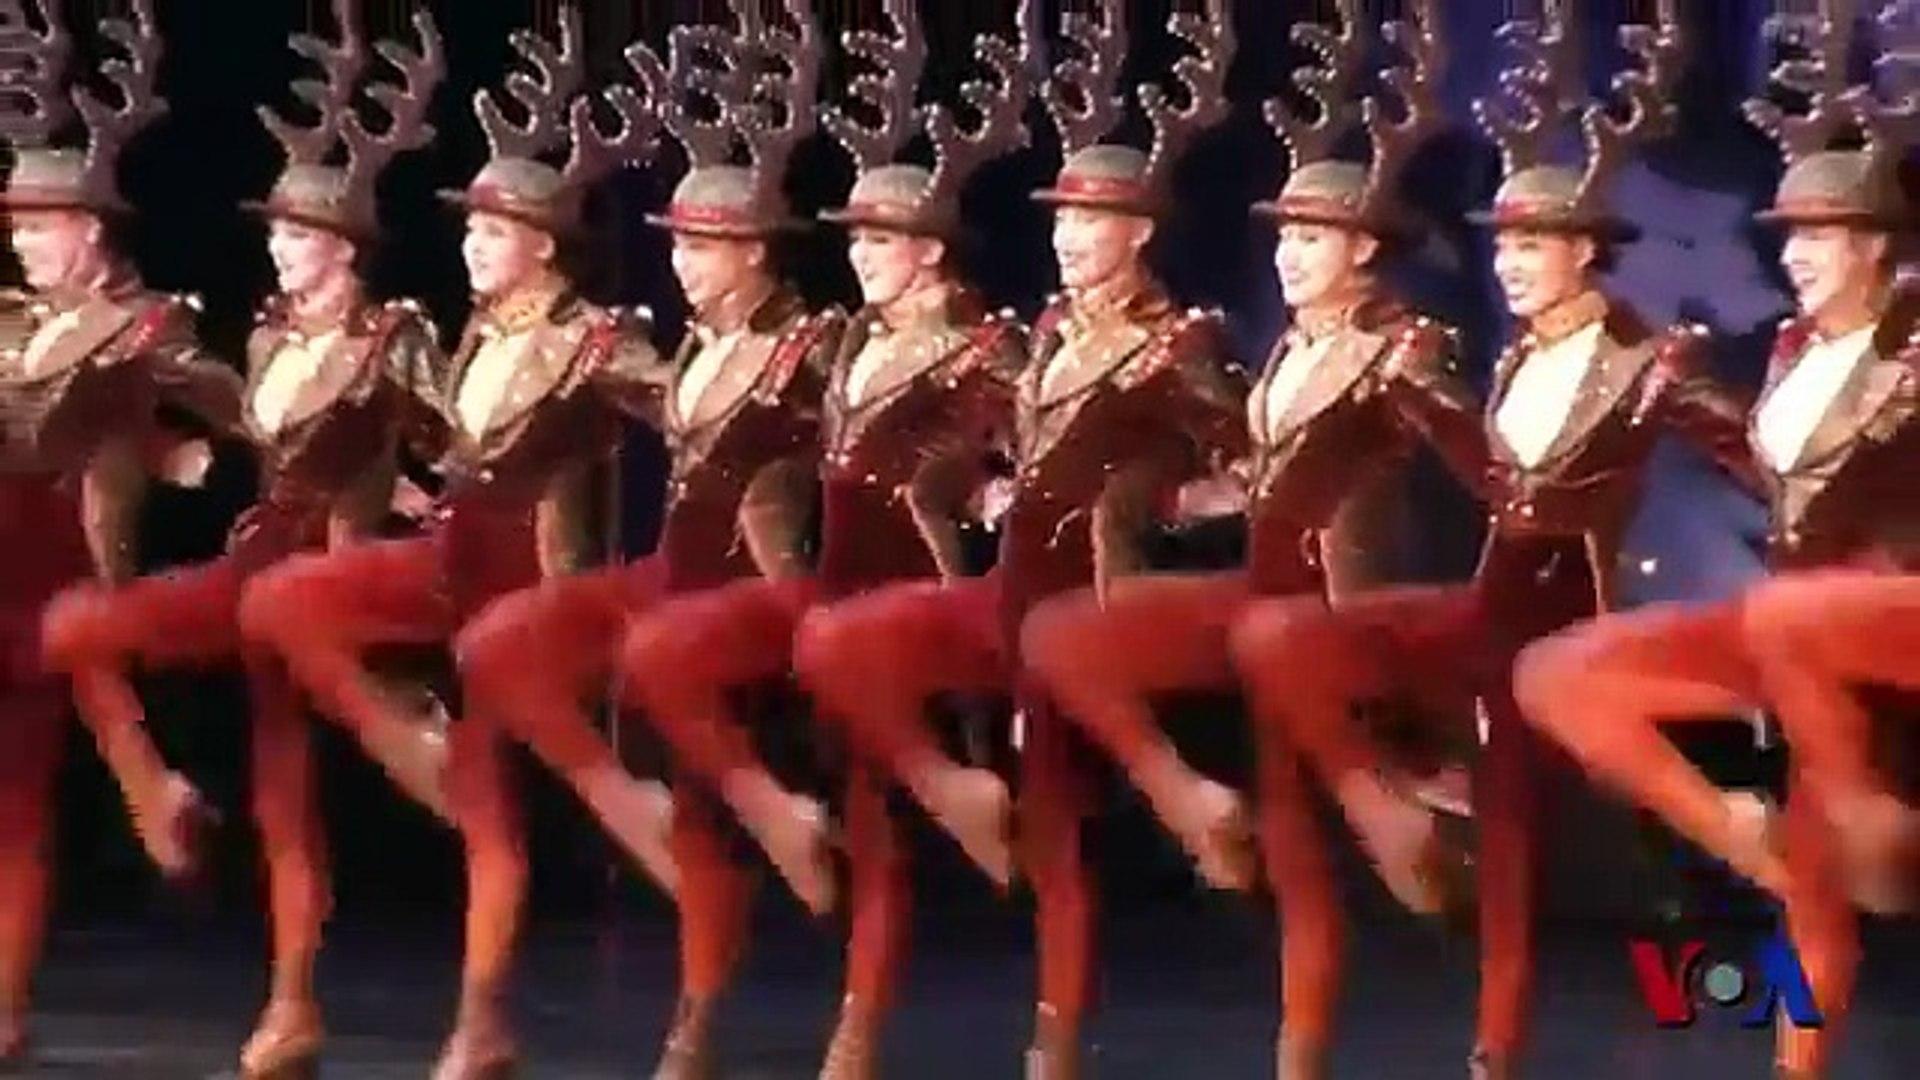 纽约 火箭女郎 开启圣诞季 Video Dailymotion